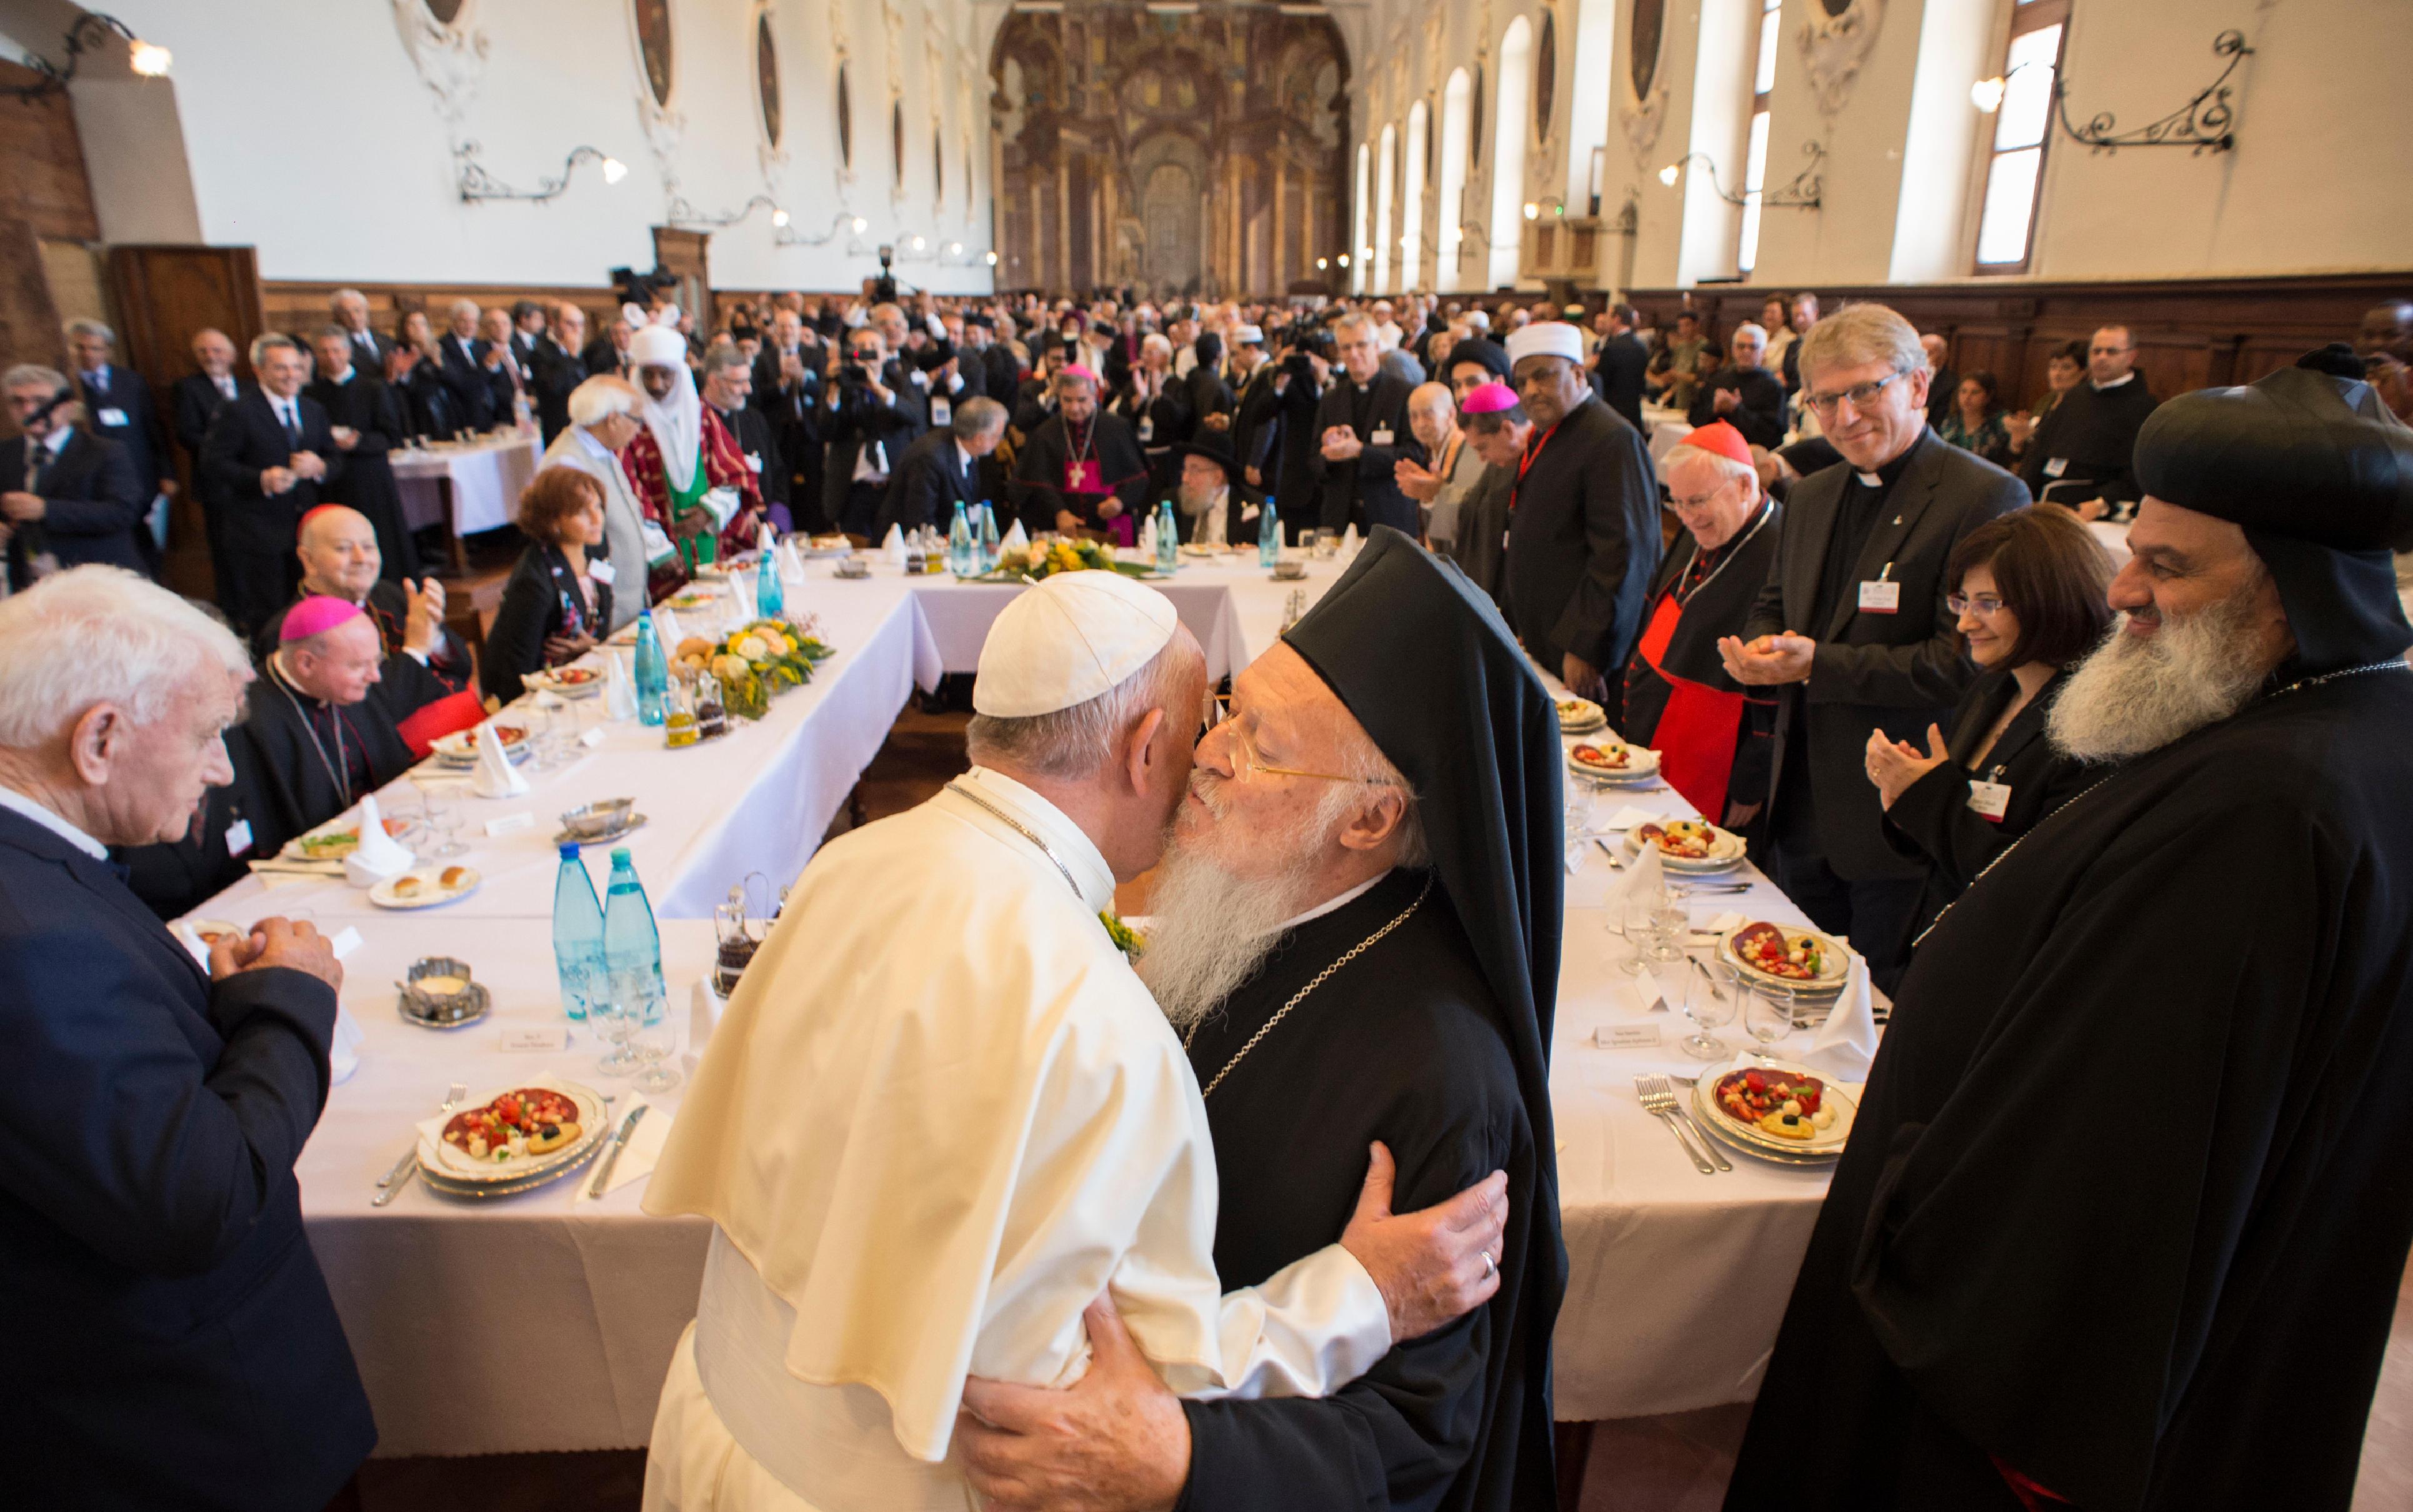 Assise, Journée pour la paix, 20 septembre 2016 © L'Osservatore Romano